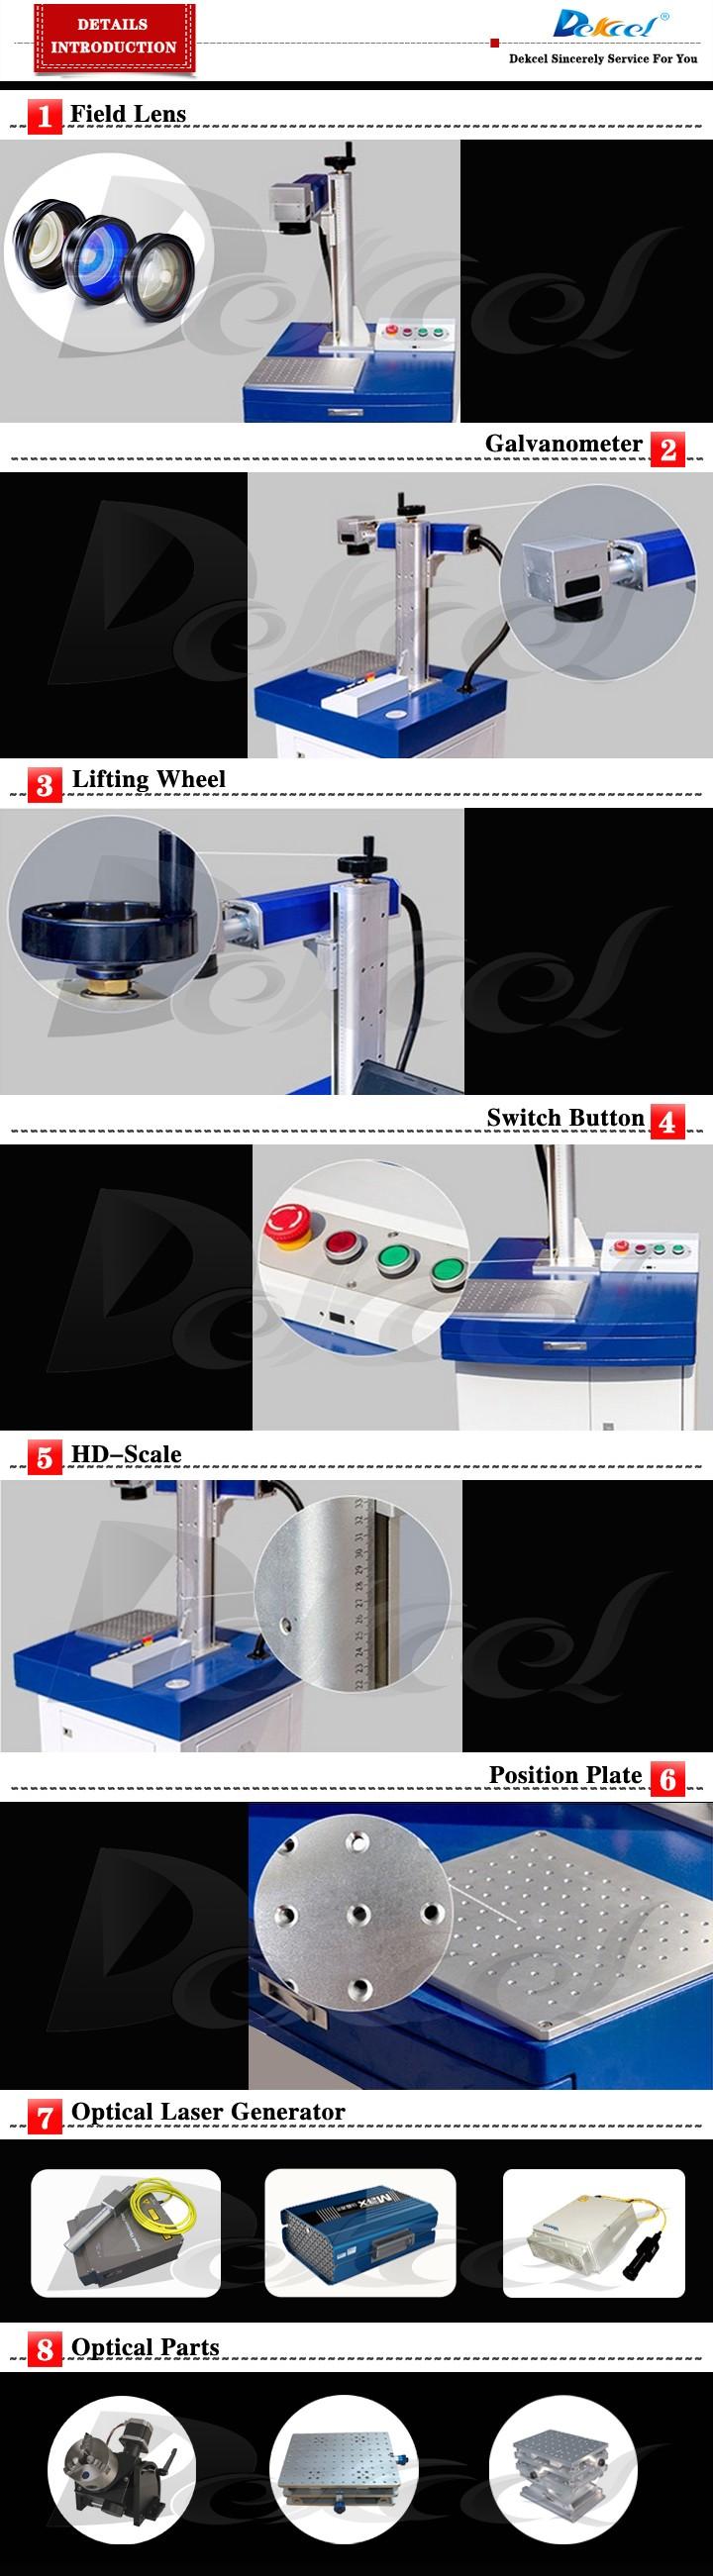 dekcel fiber laser marking machine